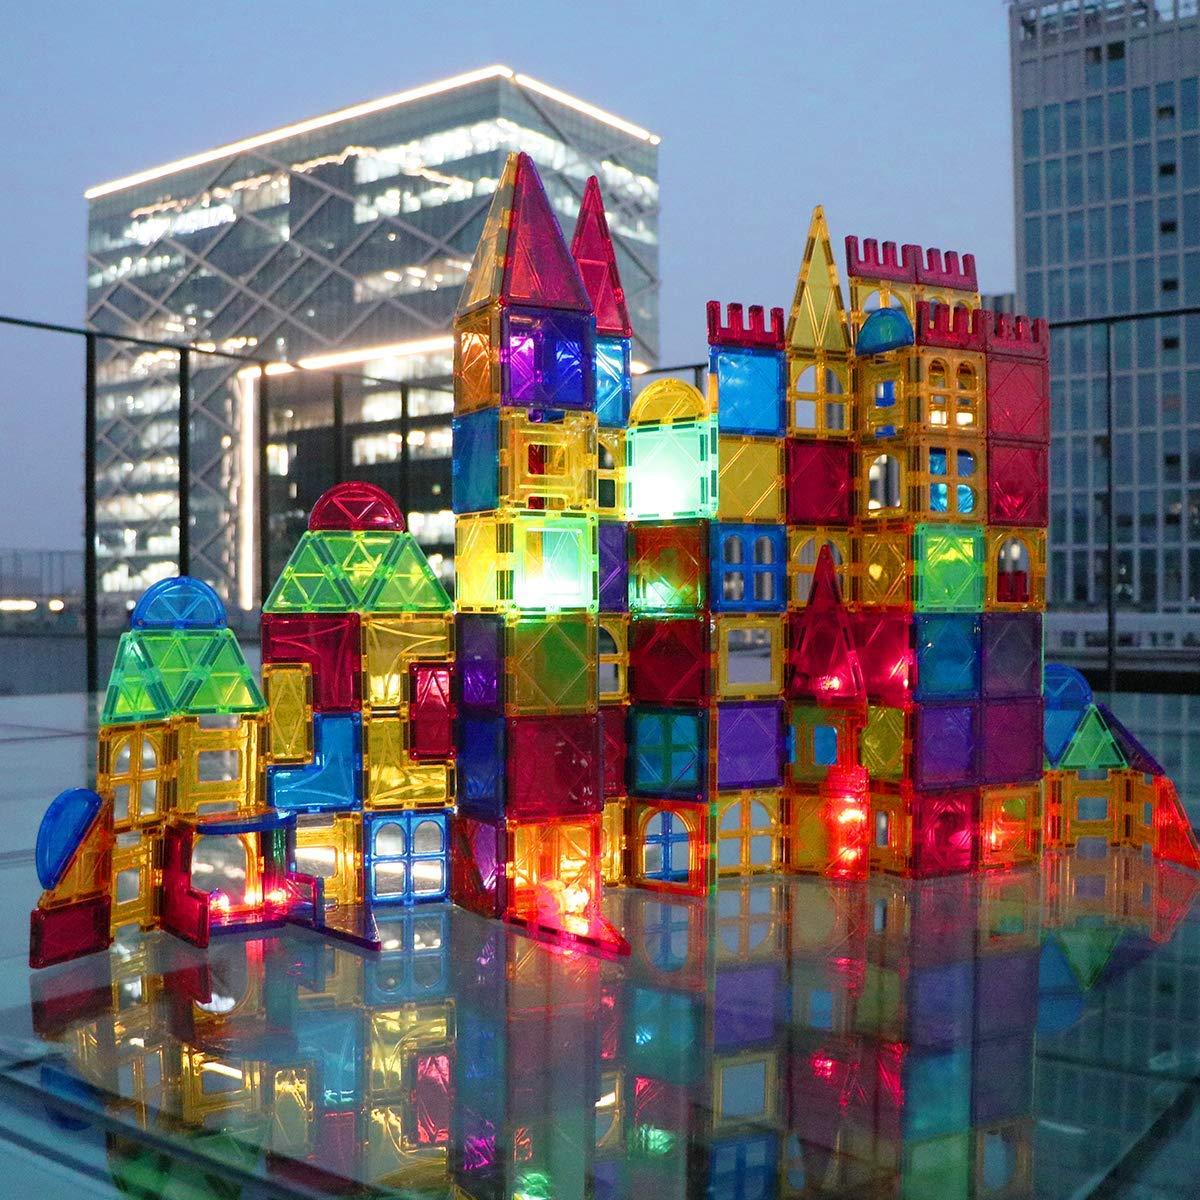 Magblock 115 PCS Magnetic Blocks, Magnetic Tiles Building Blocks for Kids Toy,Magnet Toys Set 3D Building Blocks for Toddler Boys and Girls by Magblock (Image #4)